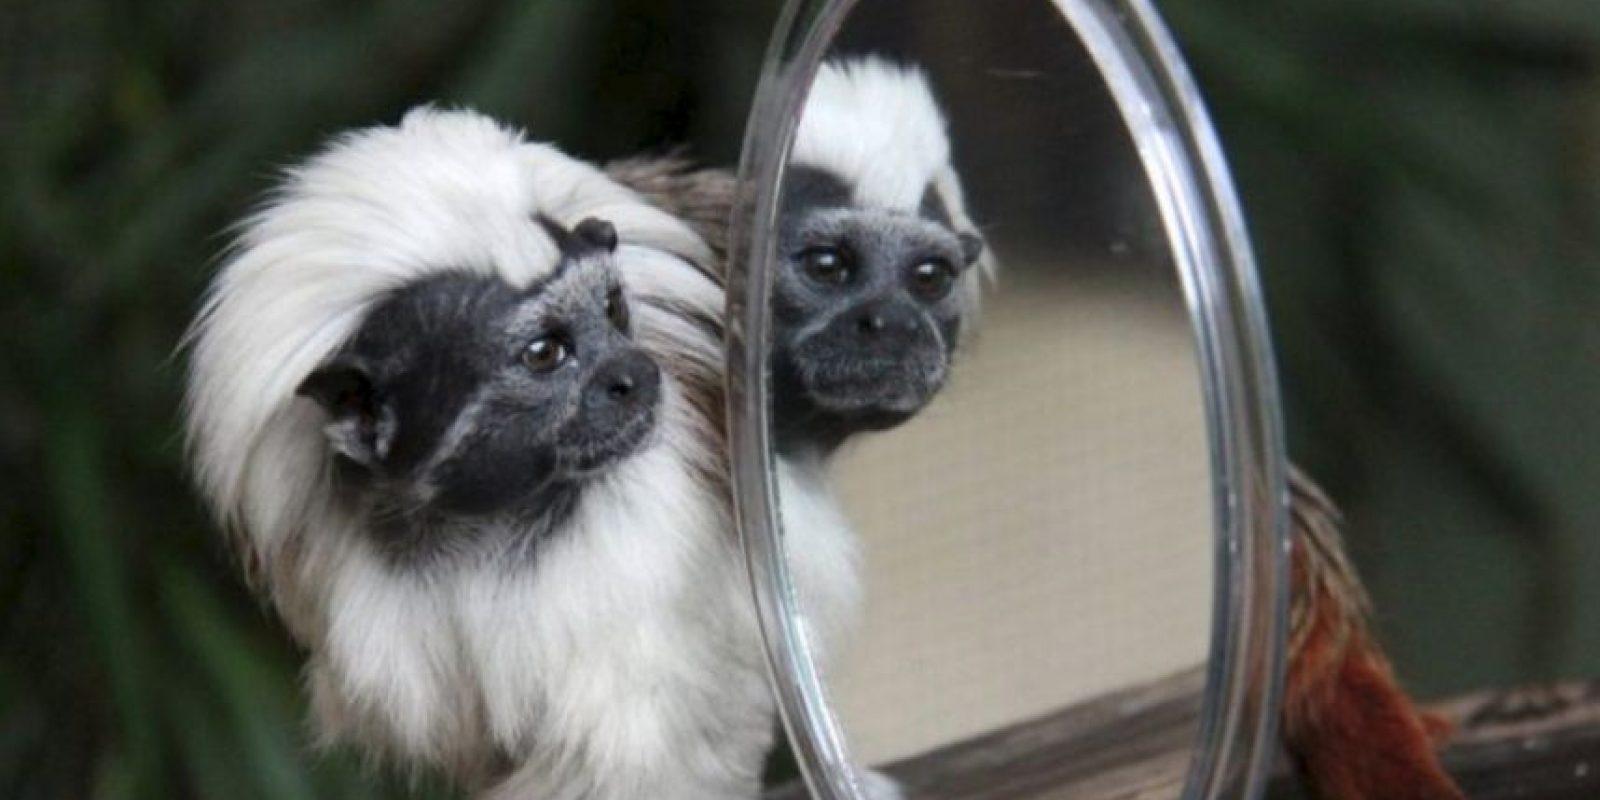 Este ejemplar en particular vive en el Zoológico Taronga. Foto:Vía Facebook.com/tarongazoo